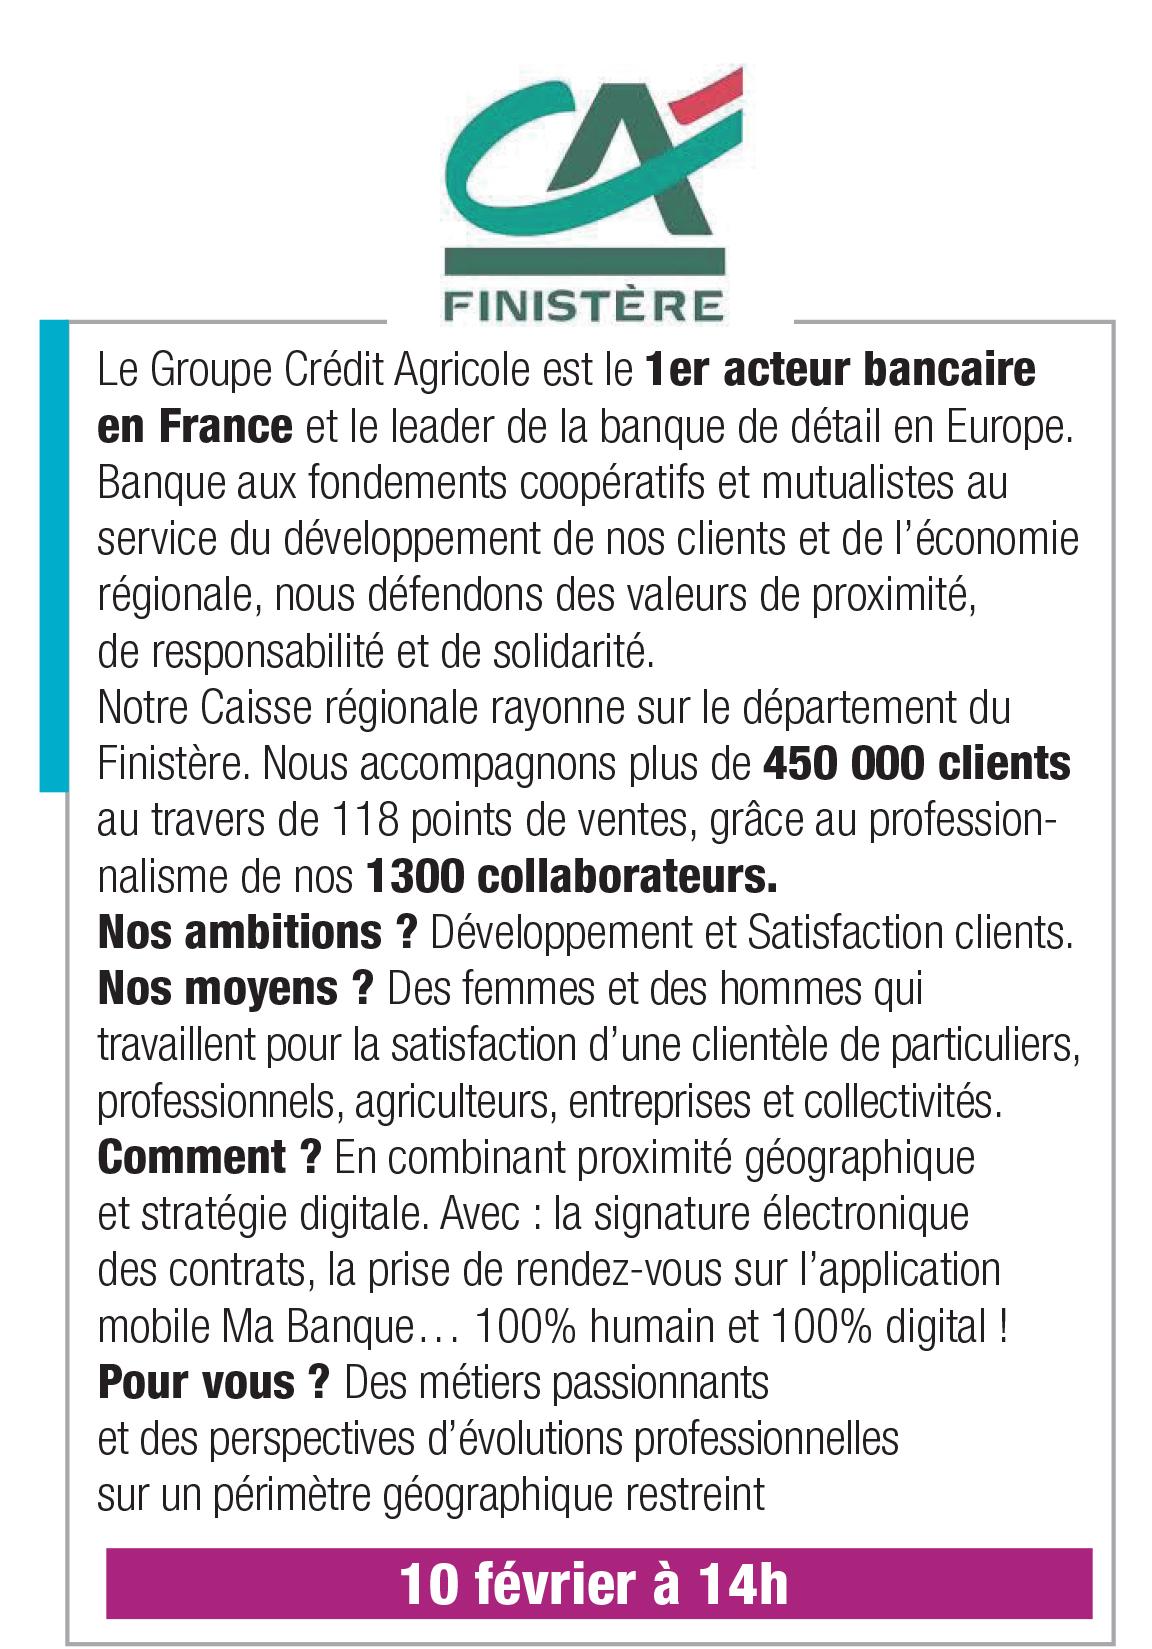 Crédit Agricole du Finistère – 10 février 14h00